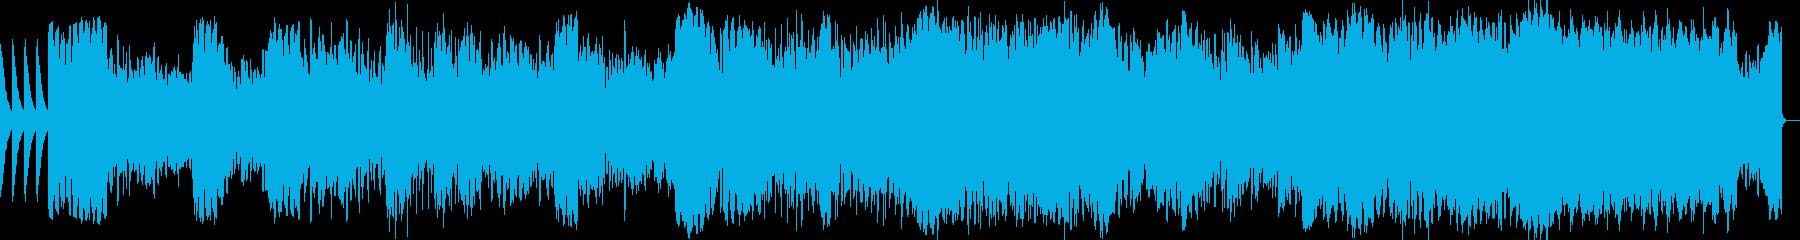 結婚式のスライドショー用BGM(感動系)の再生済みの波形